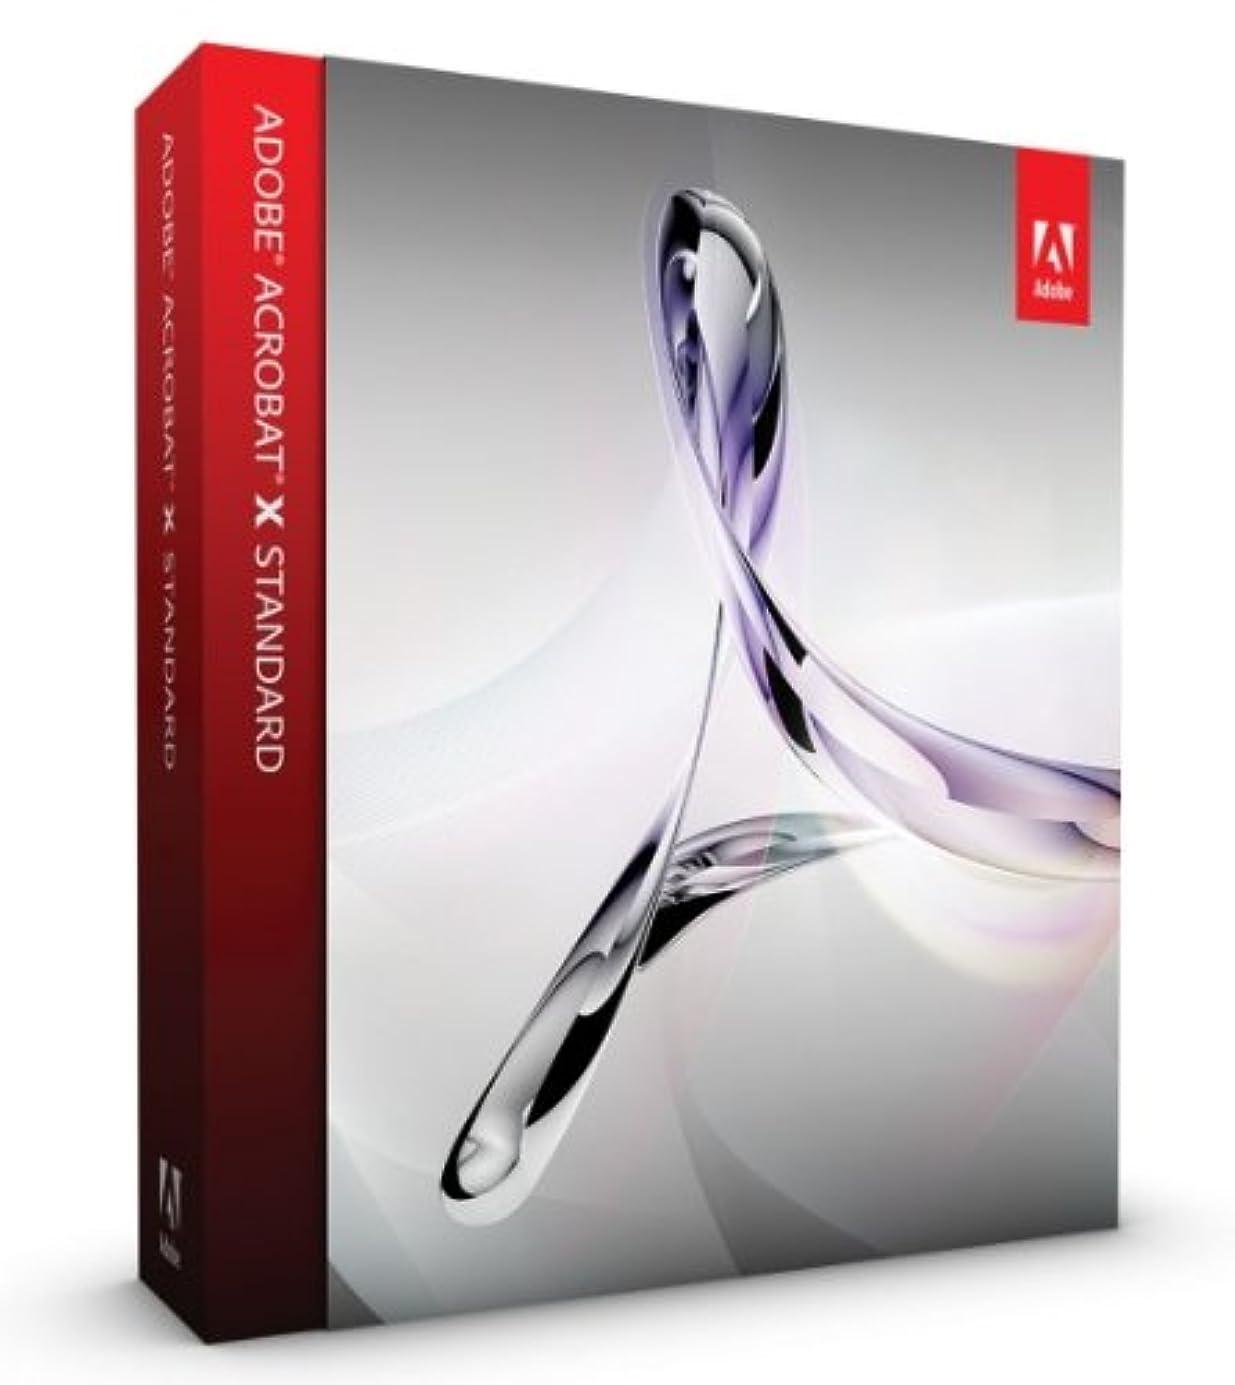 バンケット廃棄パトロン【旧製品】Adobe Acrobat X Standard Windows版 (旧価格品)